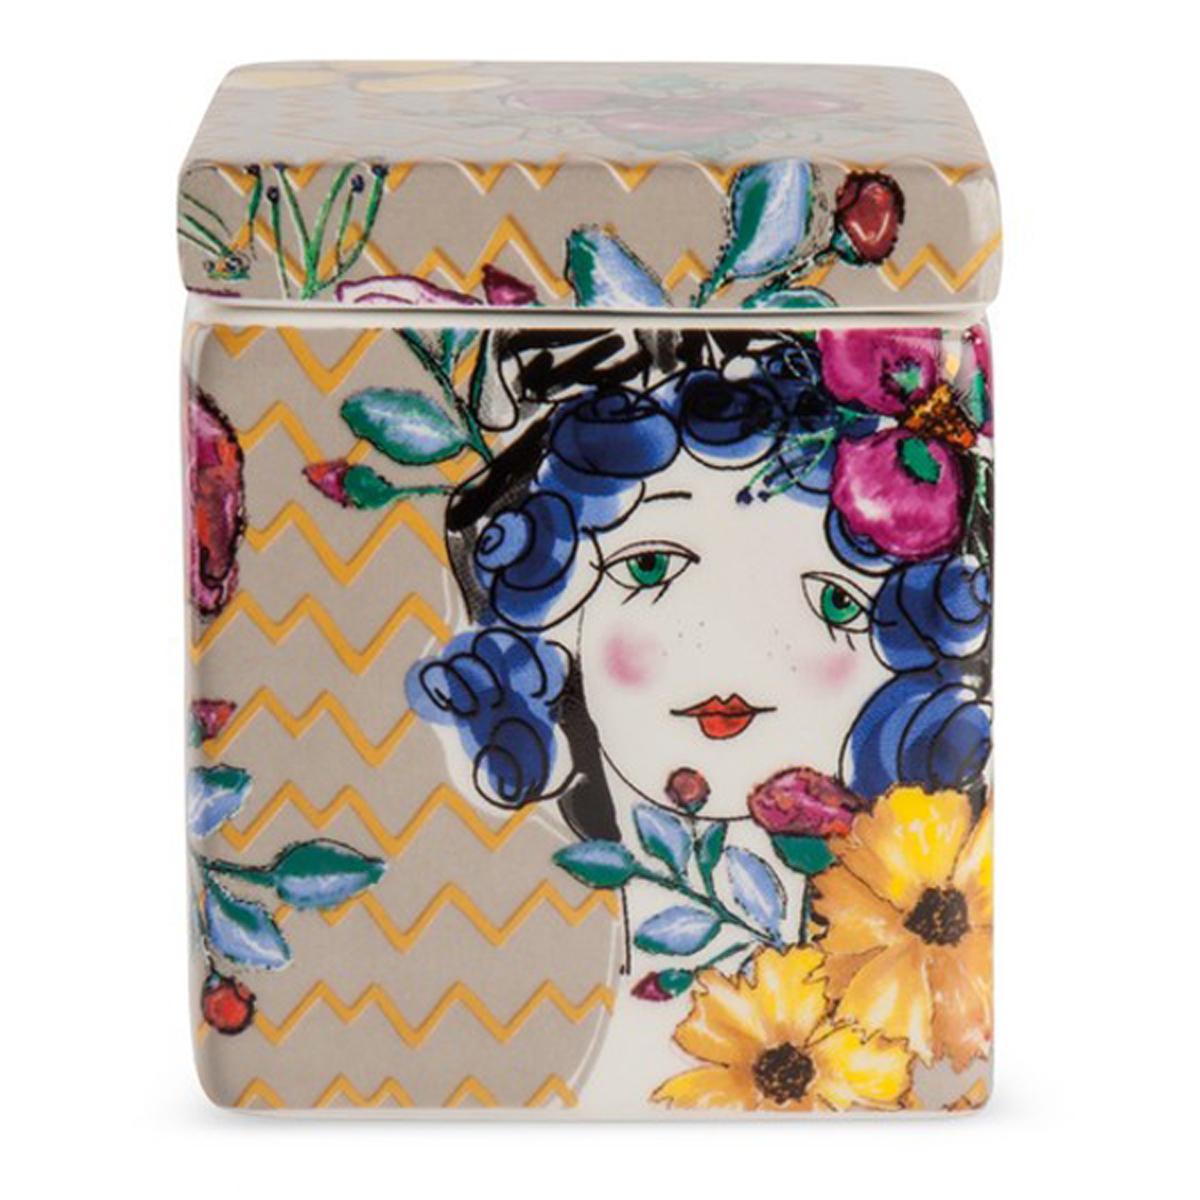 Bougie parfumée céramique \'Pupazze\' taupe multicolore - 8x6x6 cm - [A2249]